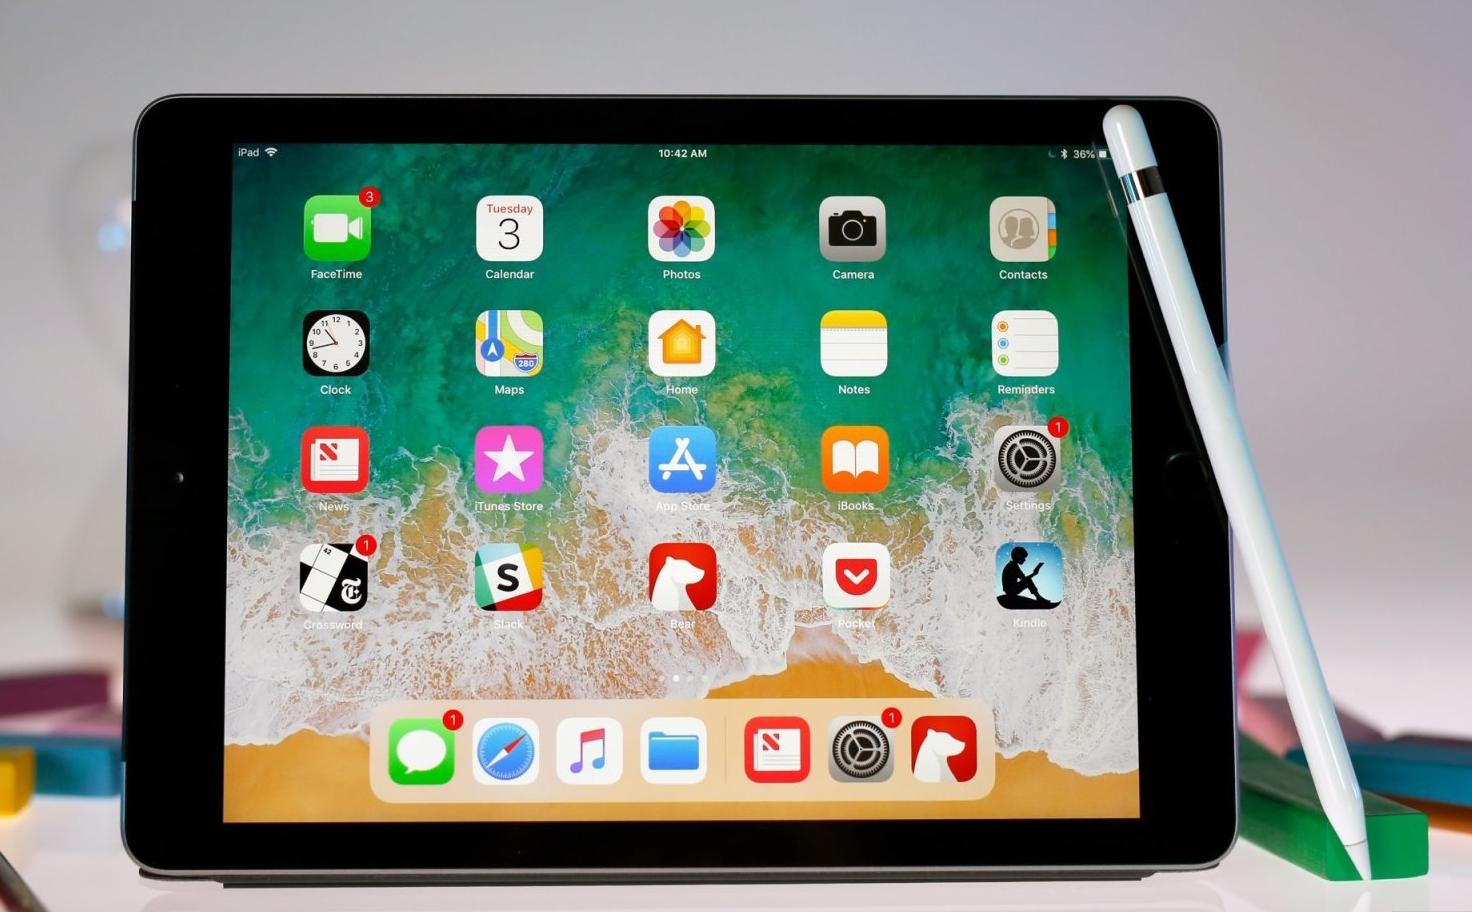 أبل تقدم إصدارا جديدا لجهاز Ipad من الجيل السابع التقنية أجهزة ذكية البيان